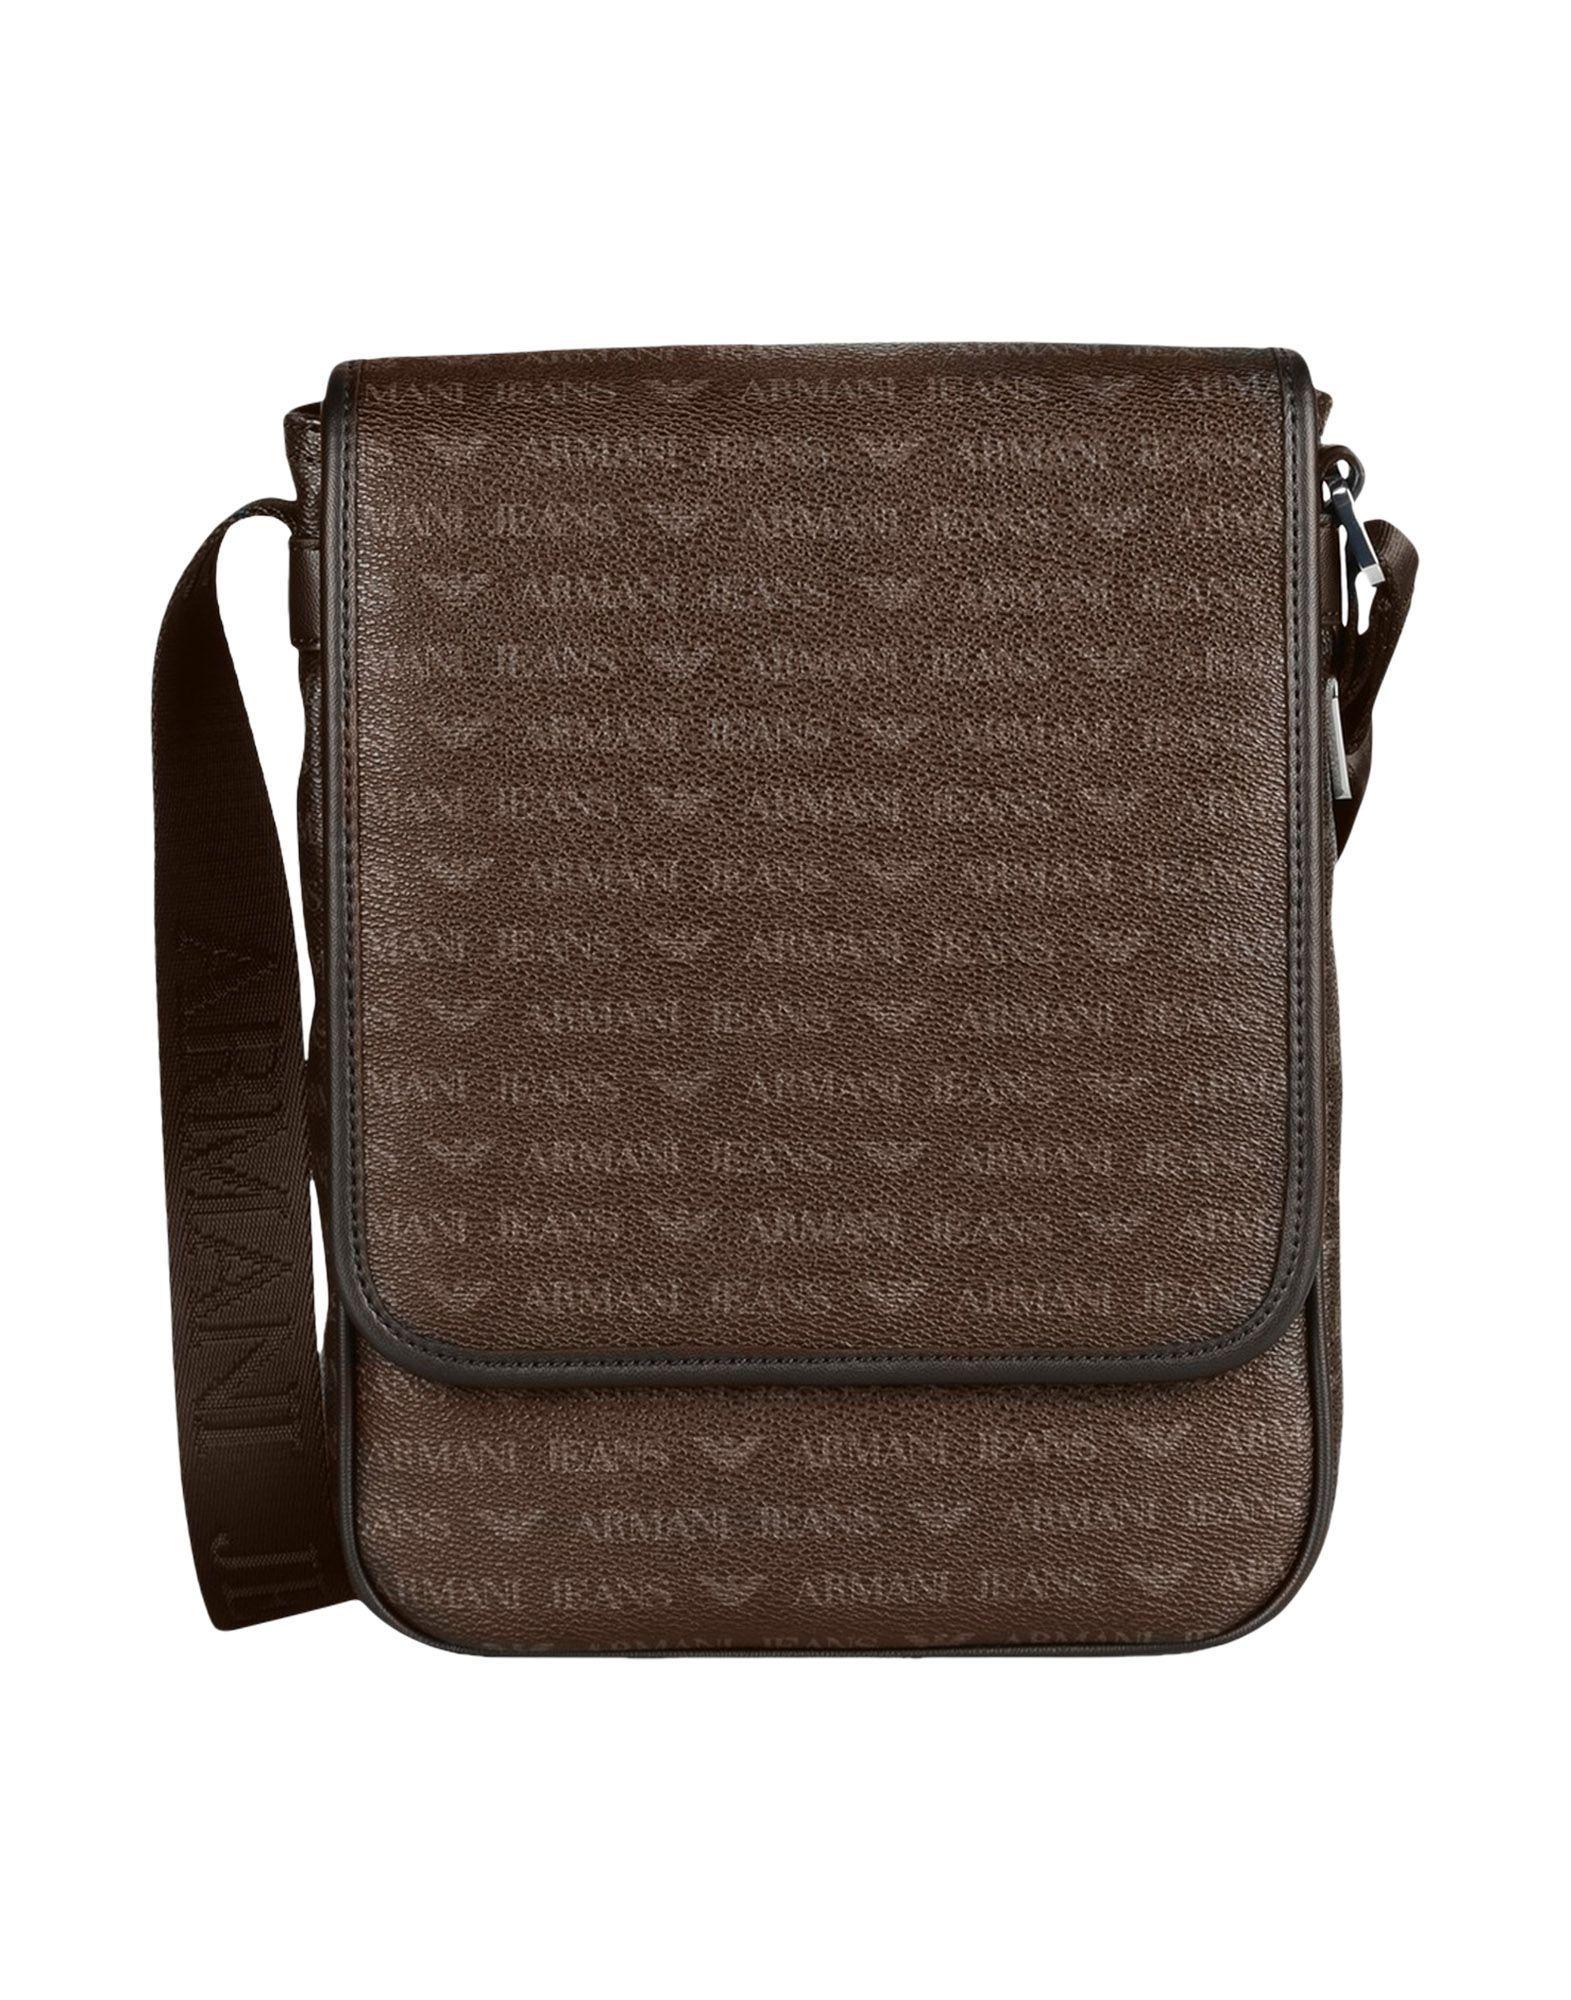 96137bdc2992  armanijeans  bags  shoulder bags  leather  pvc  denim